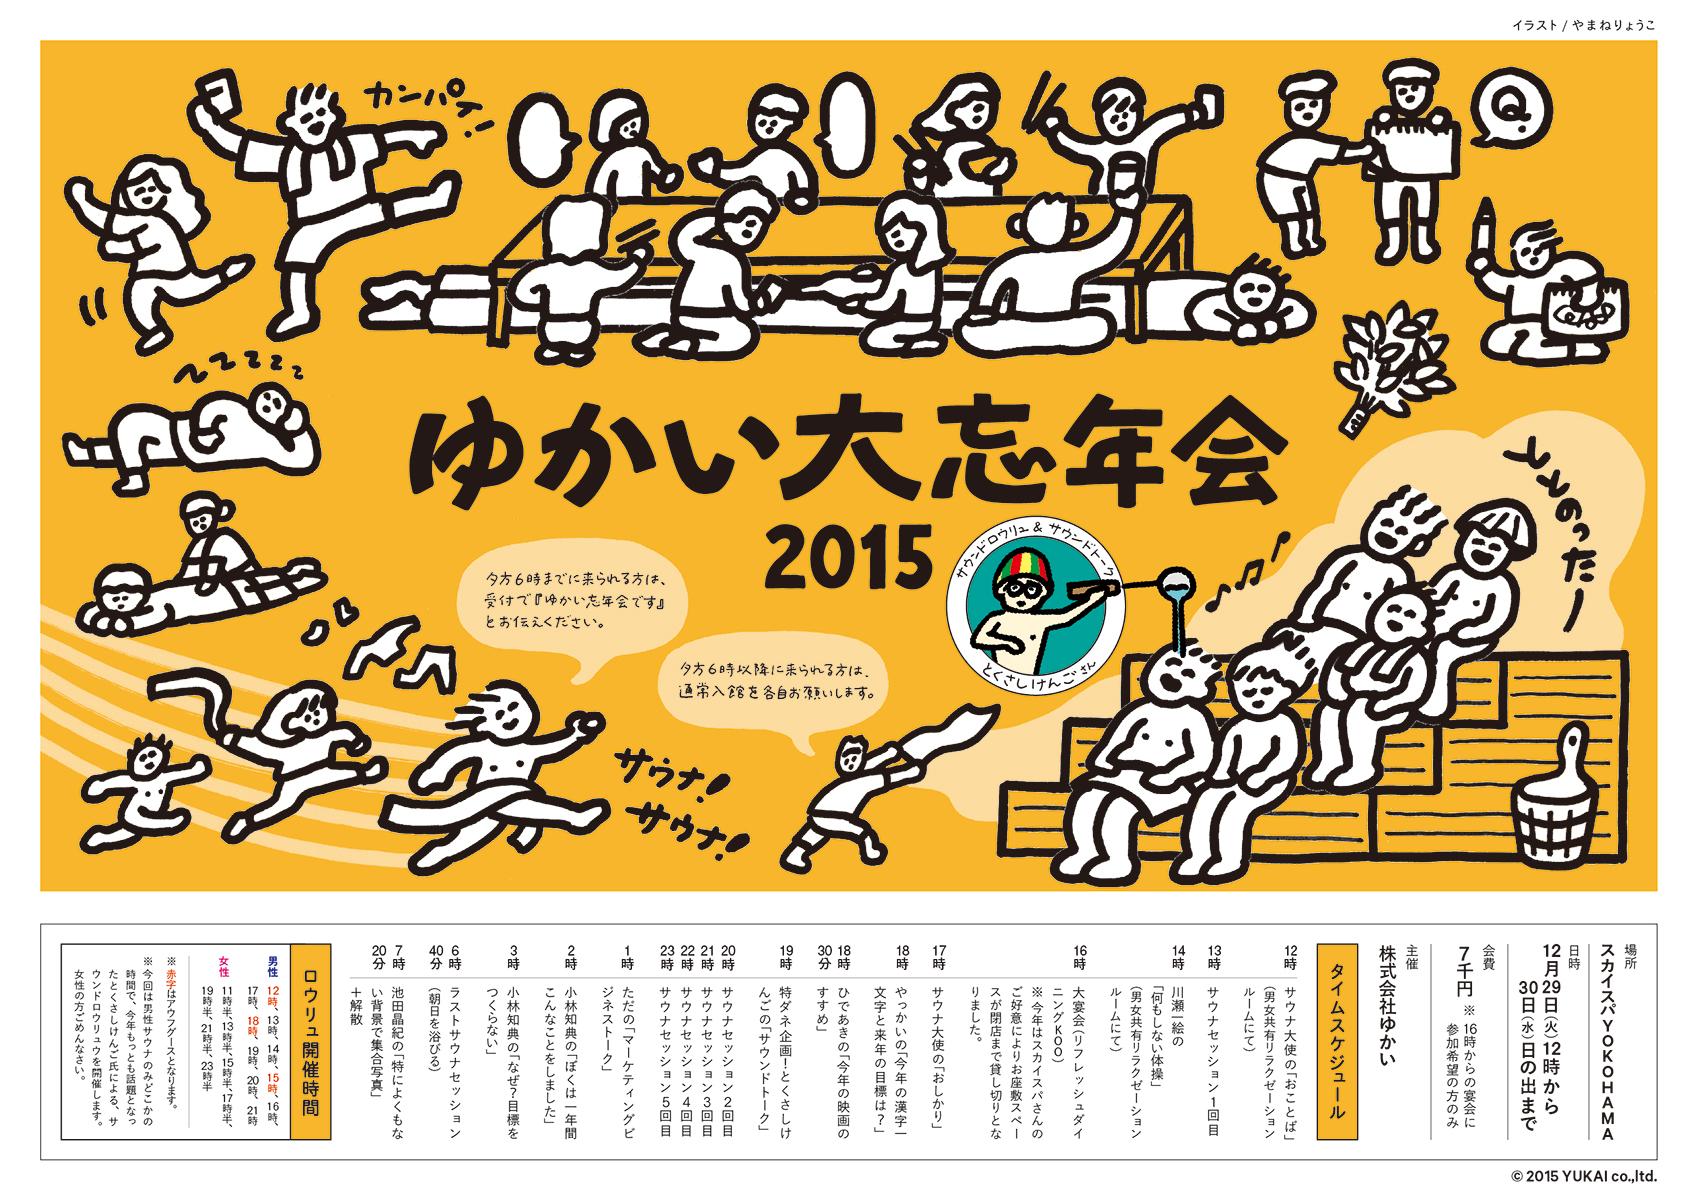 ゆかい大忘年会 2015 illust:YAMANE Ryoko